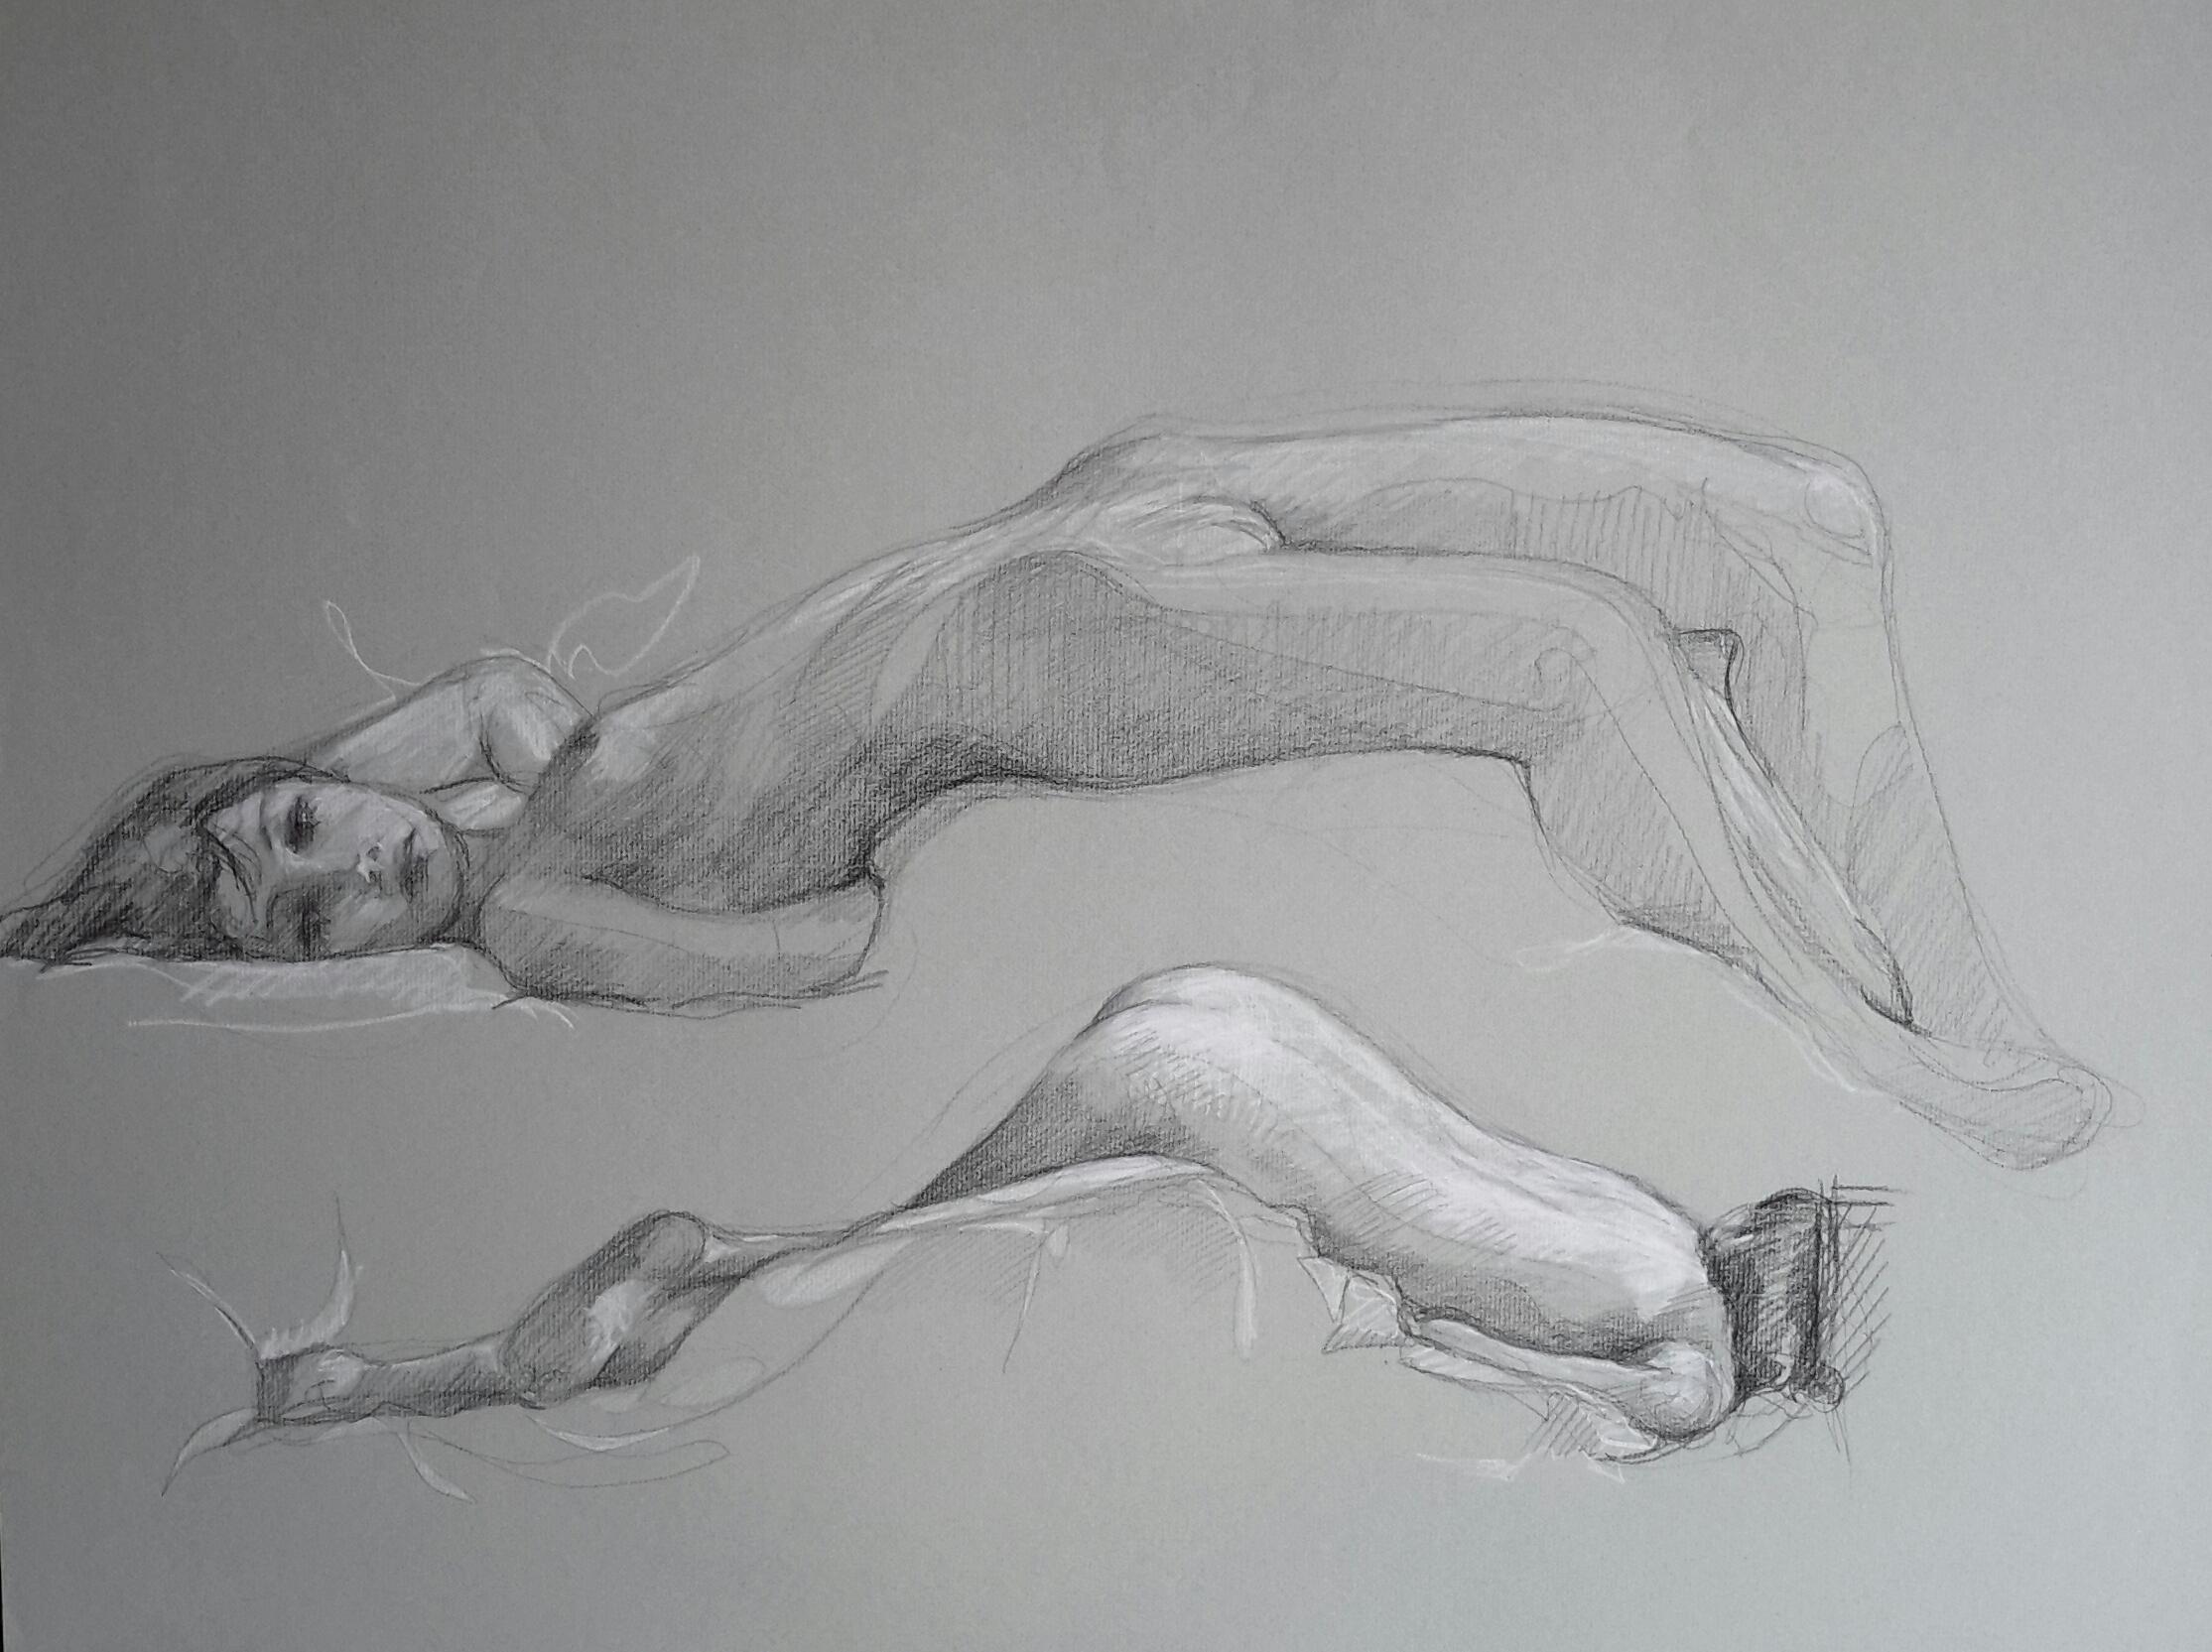 Modèle vivant 31 : pierre noire et crayon blanc